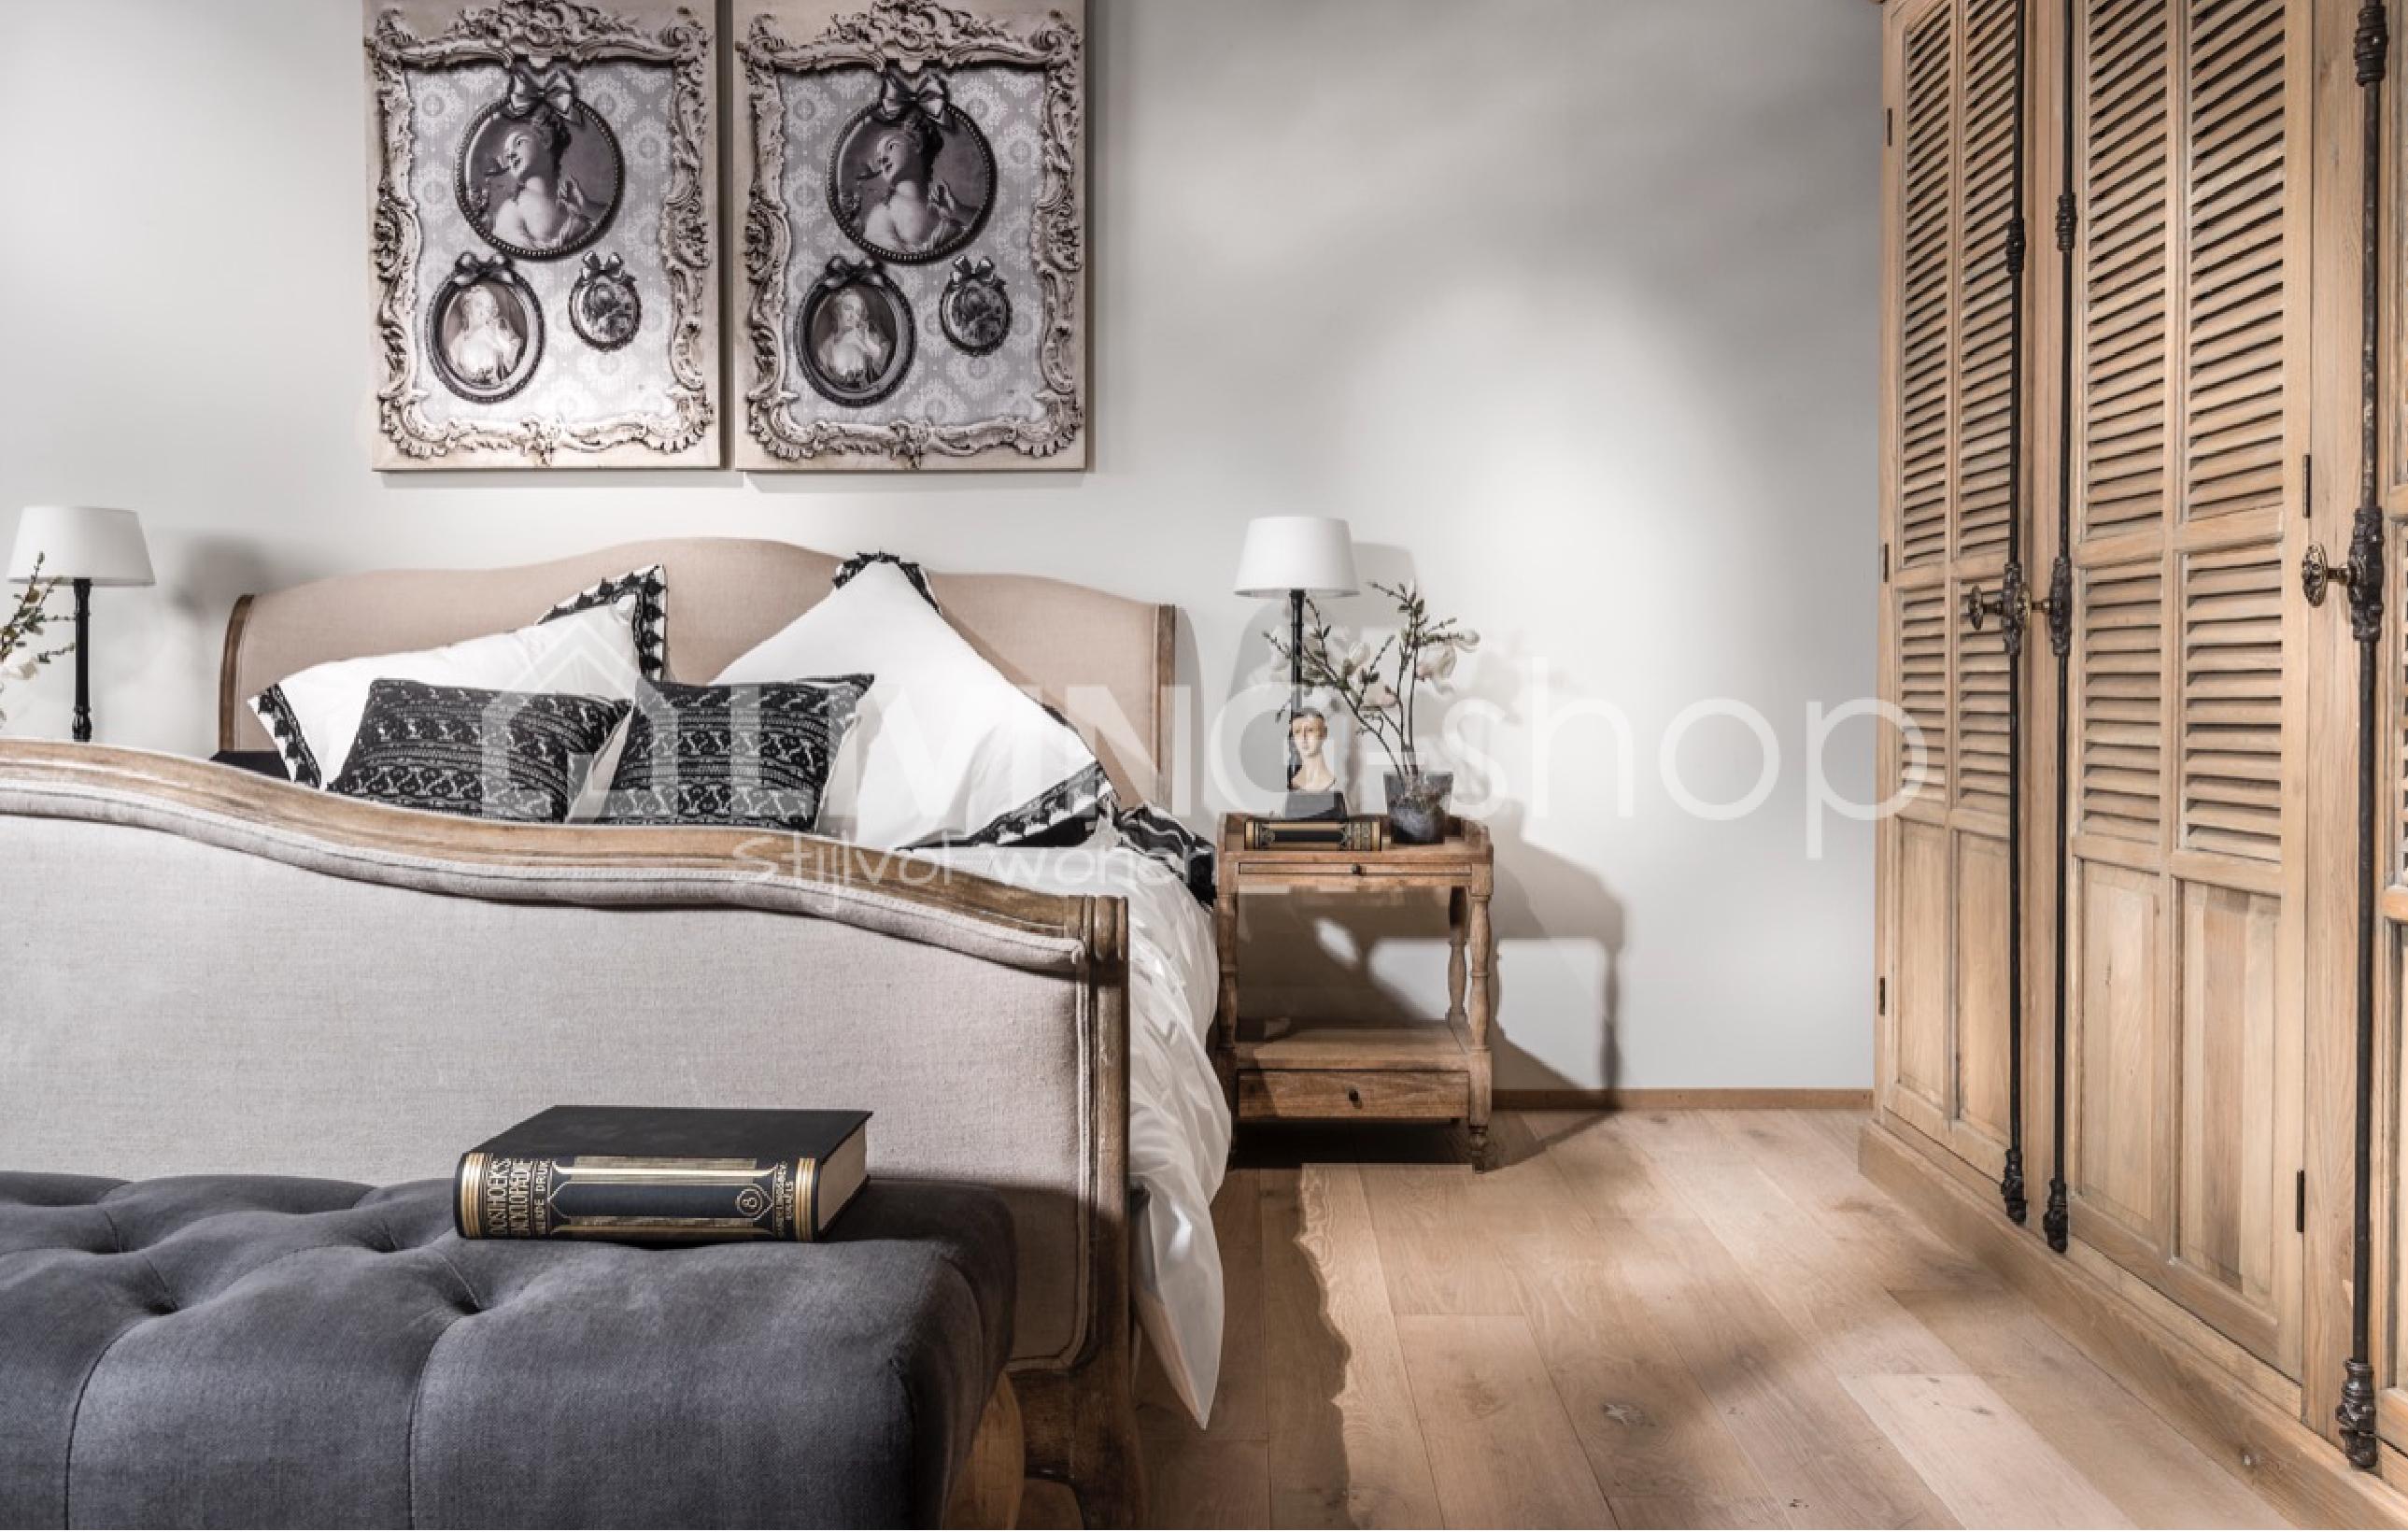 Slaapkamer Landelijke Stijl : Eiken bed landelijke stijl slaapkamer livingshop eu